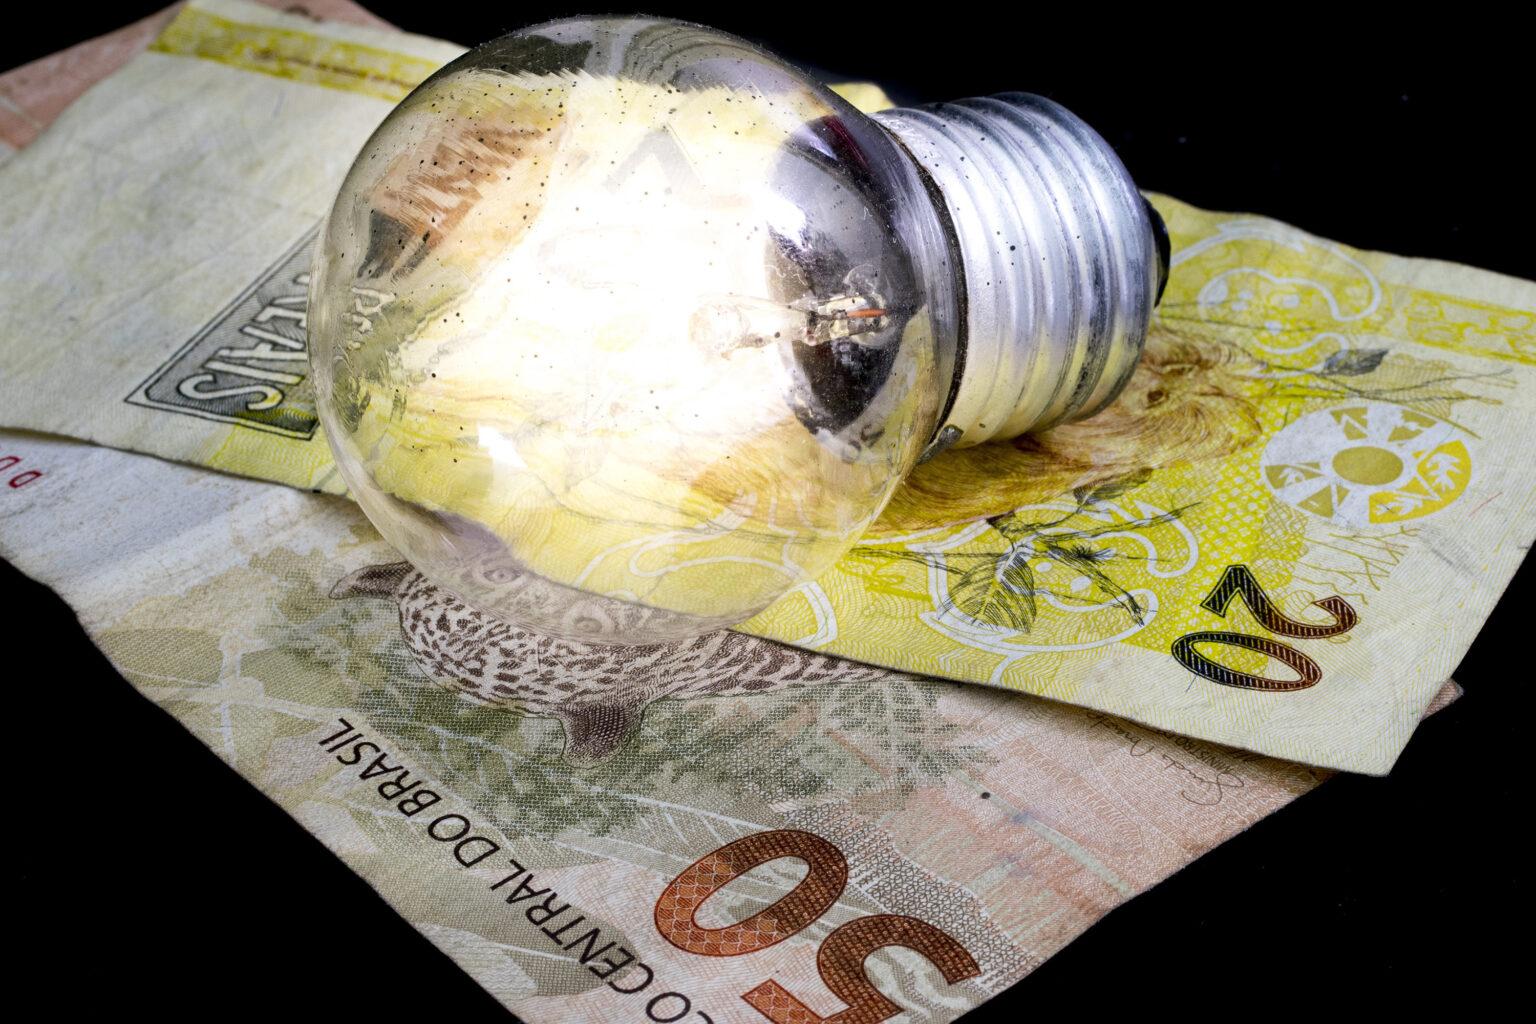 Fique atento as dicas para enconomizar na conta de energia. (Foto: Reprodução)